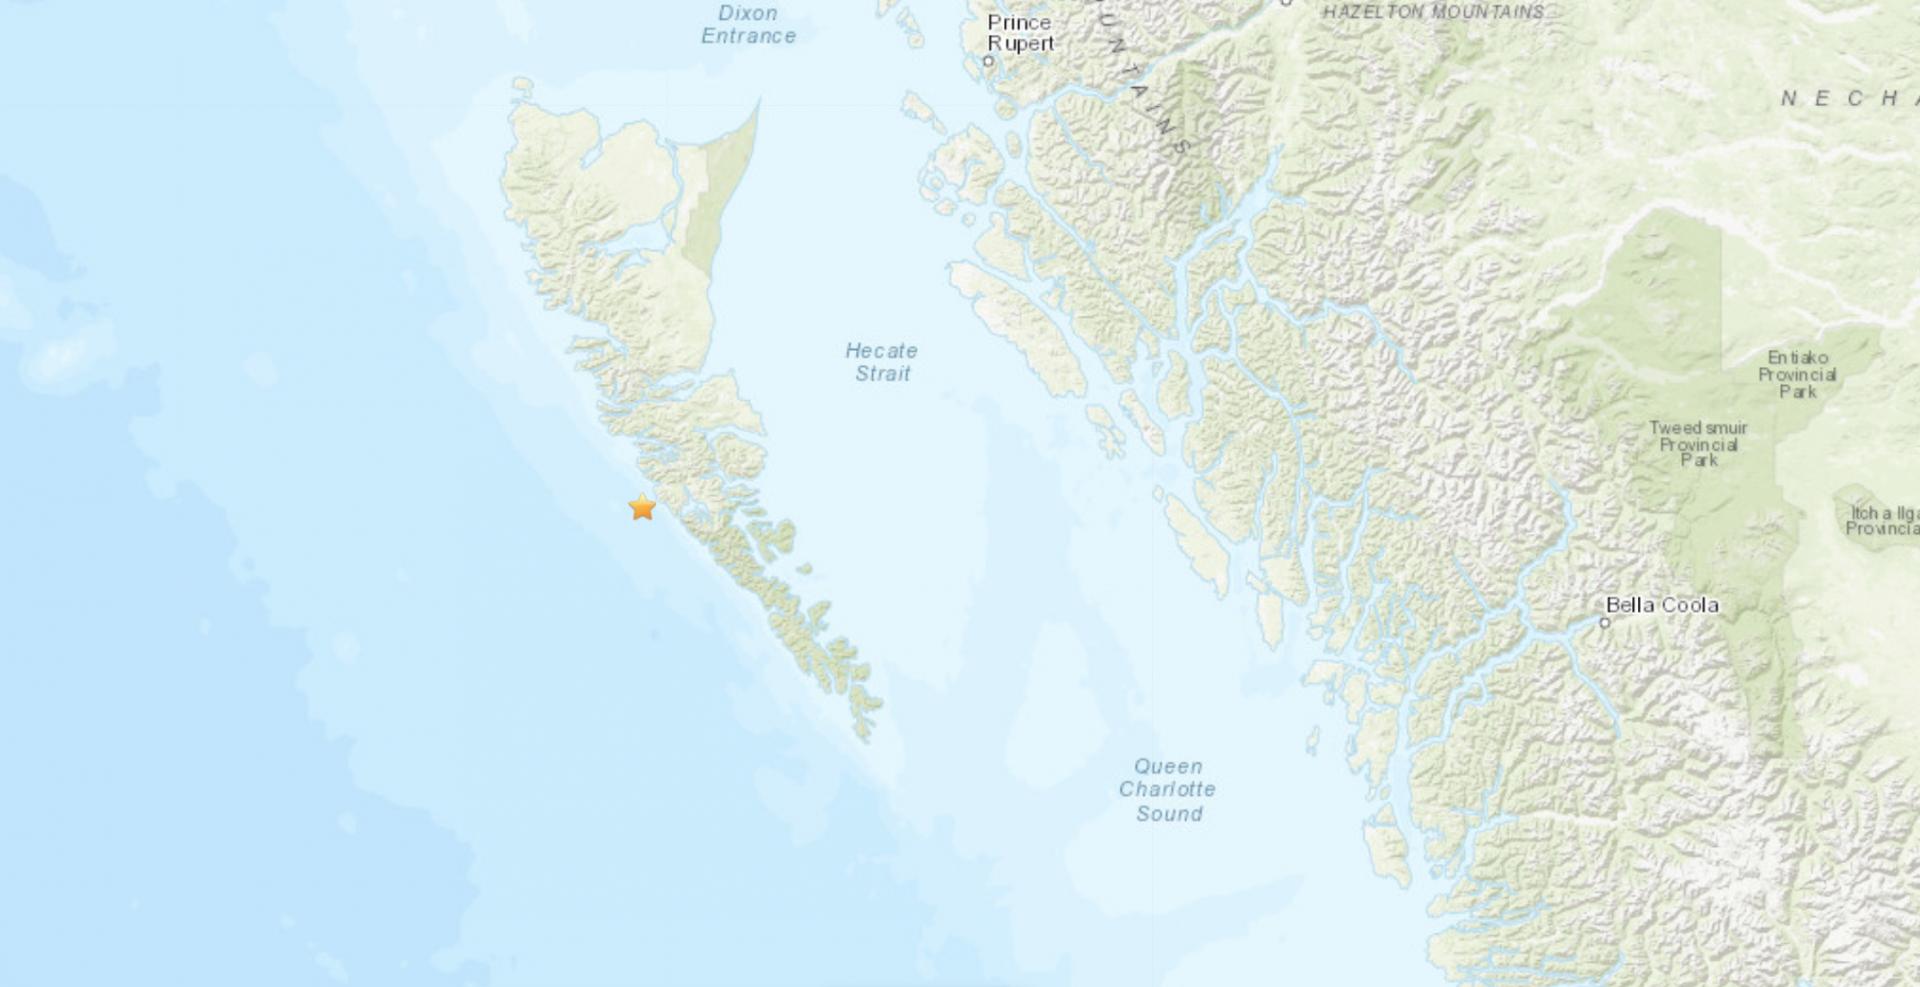 Magnitude 4.0 earthquake strikes off coast of Haida Gwaii